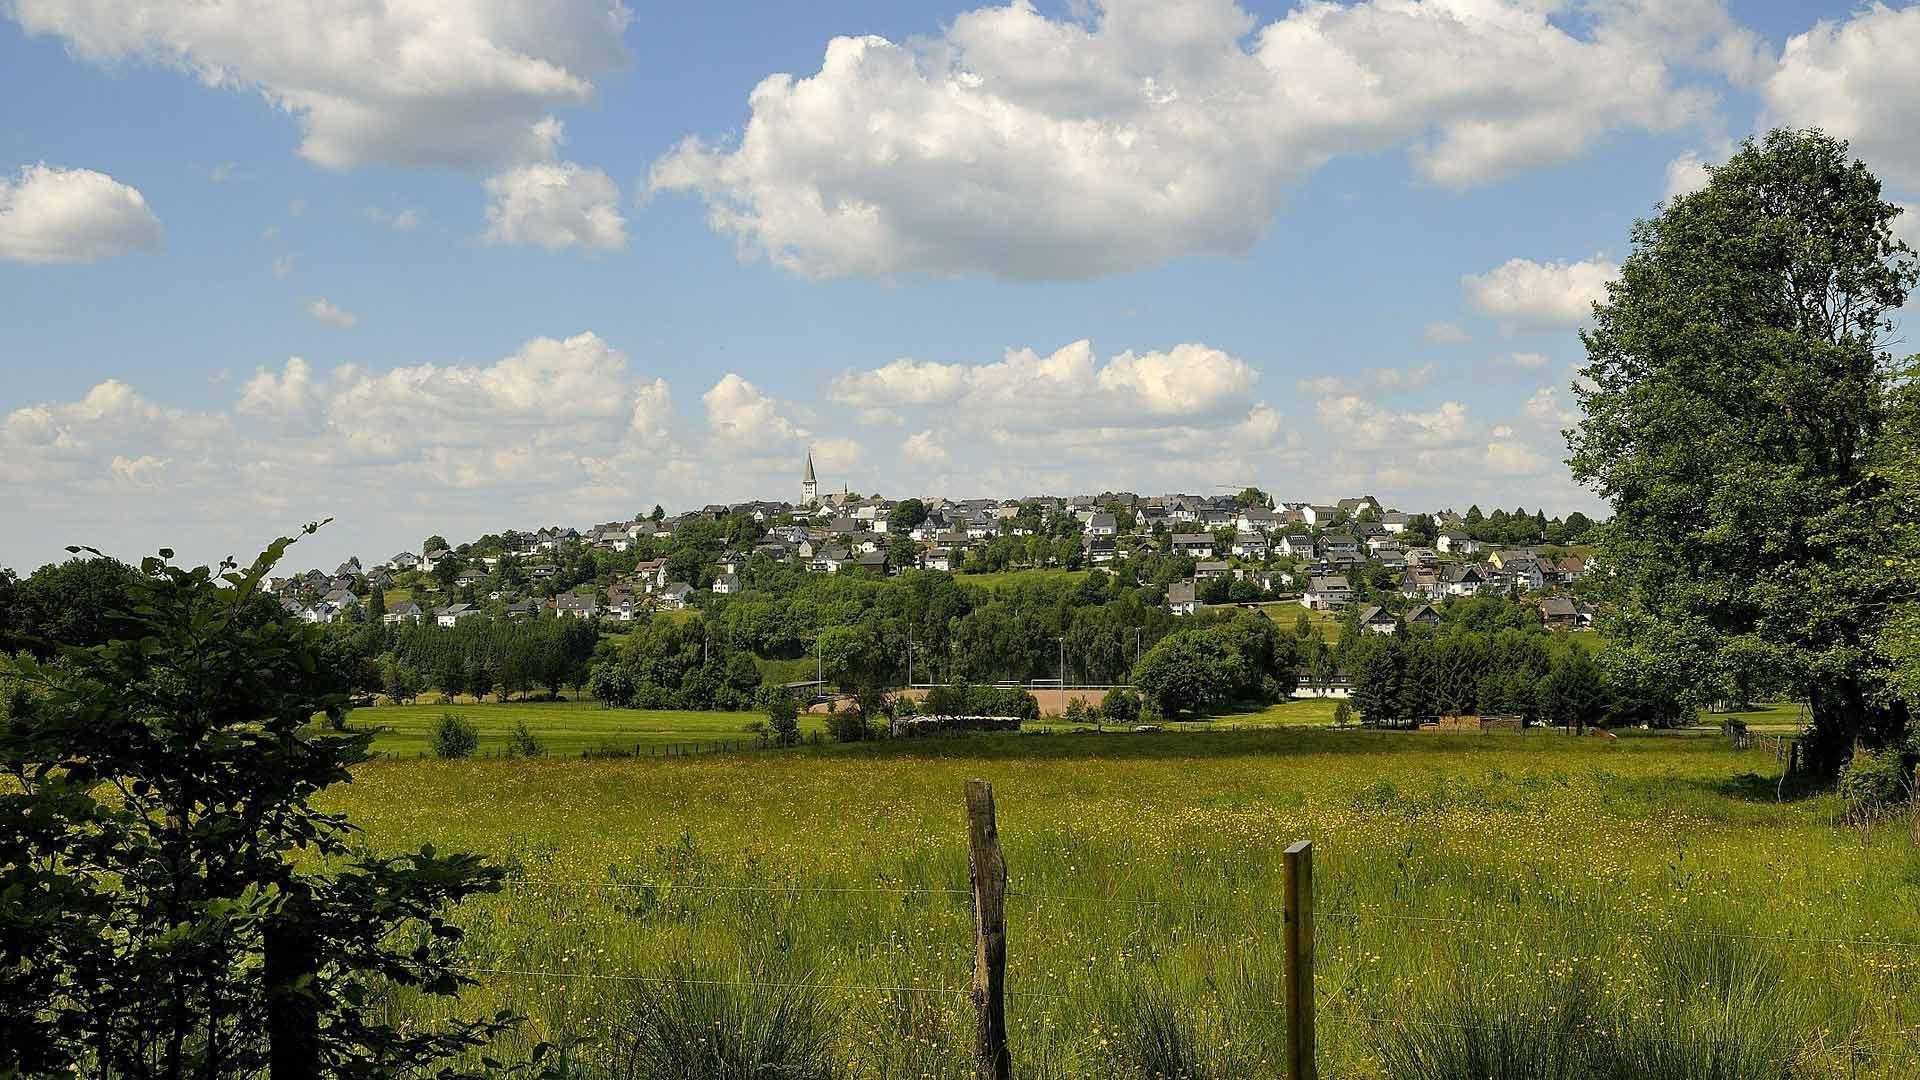 Uitzicht op Arnsberg vanaf de Ruhrtalradweg in het Sauerland